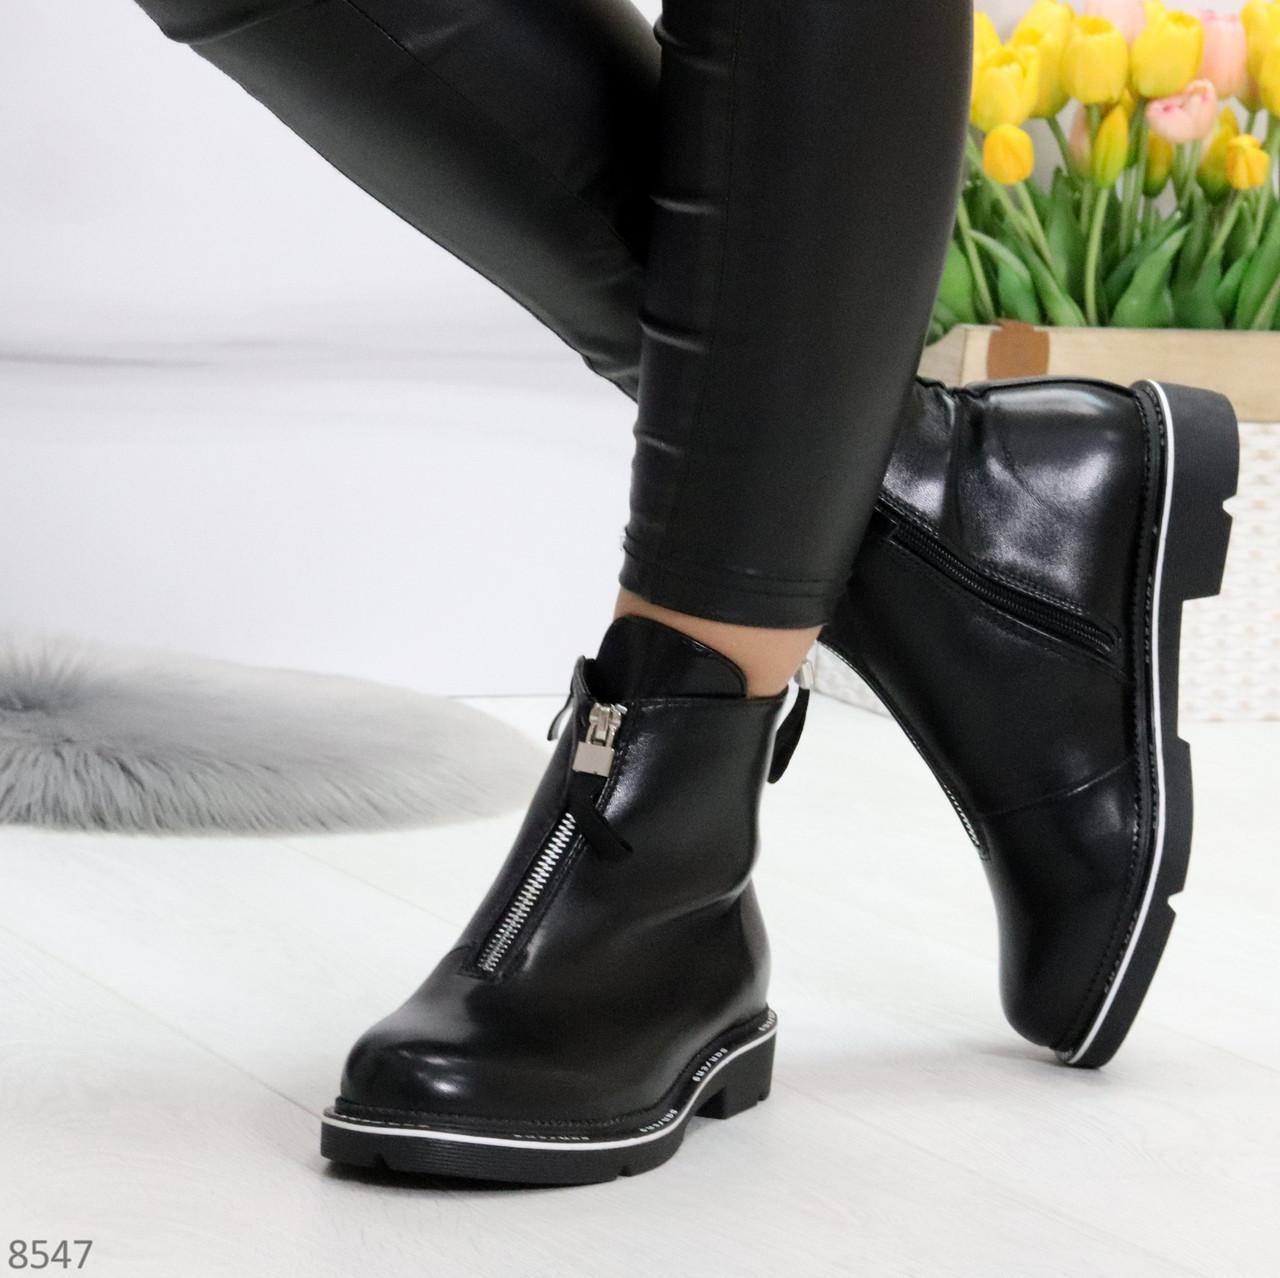 Стильные удобные черные молодежные женские ботинки на флисе